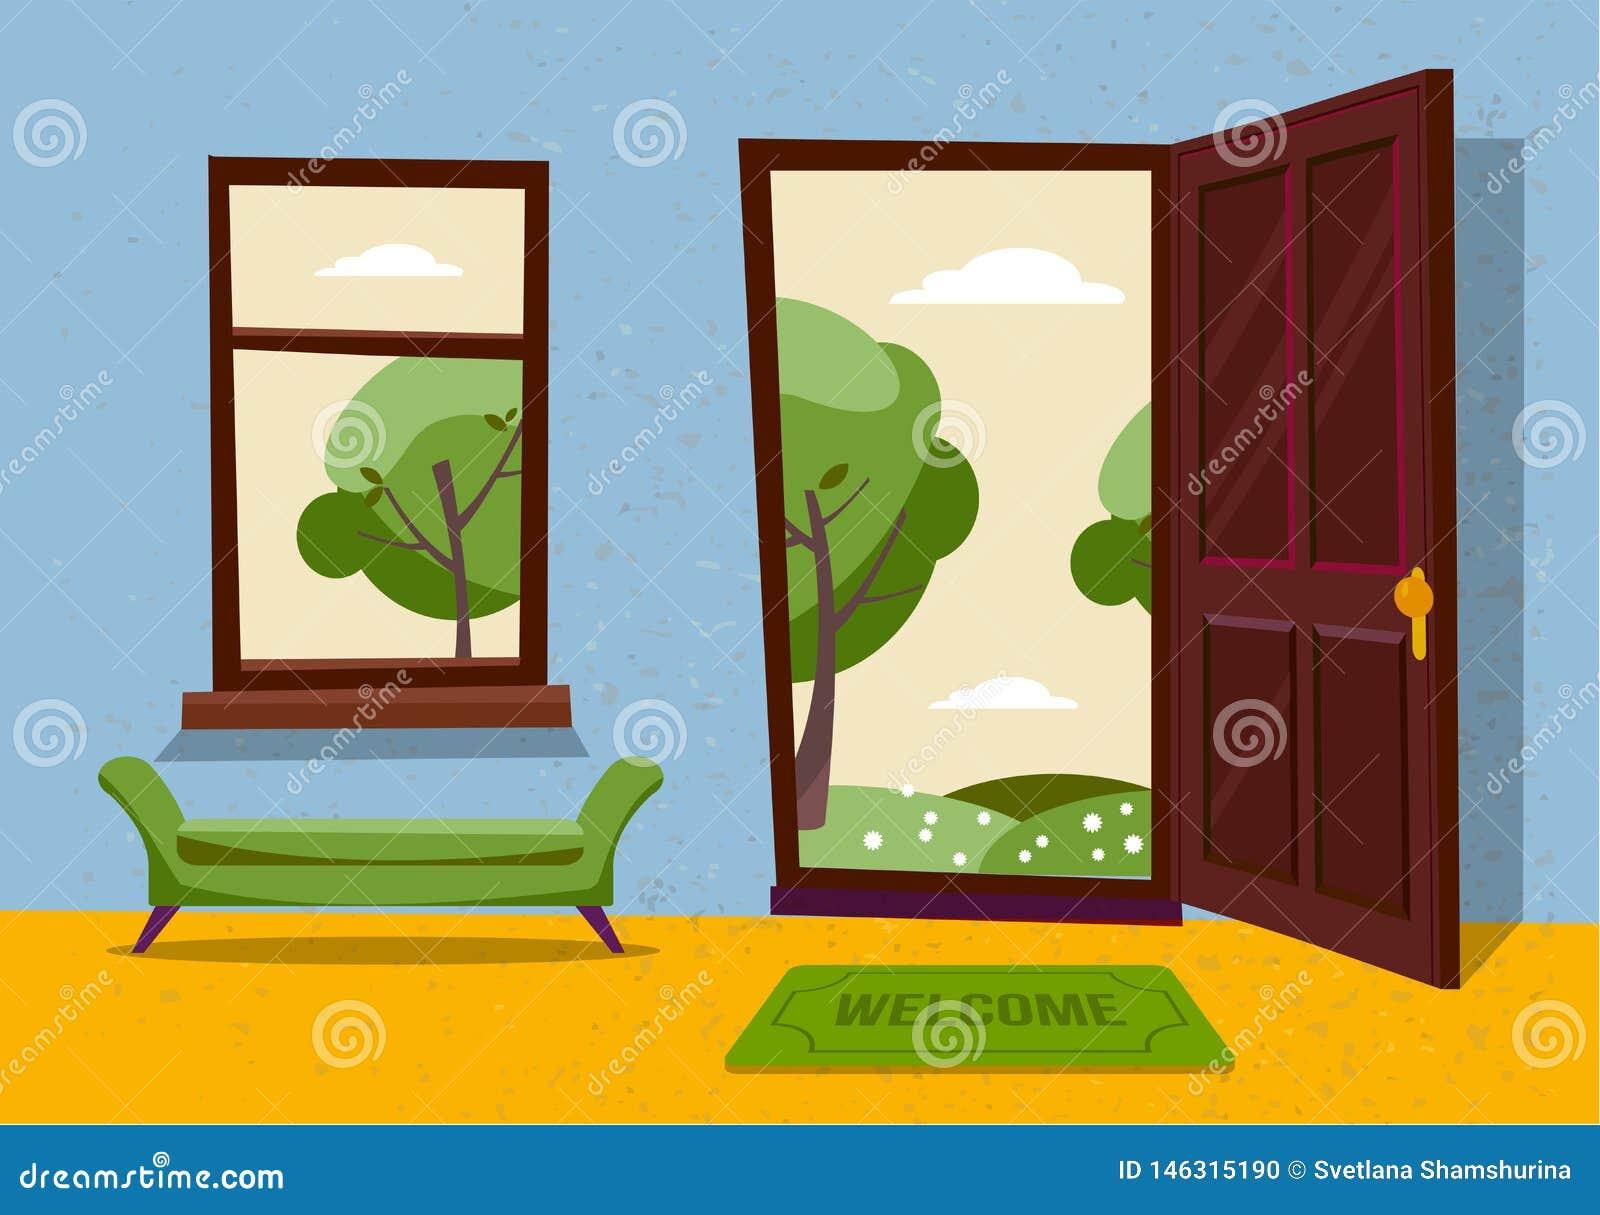 Open door into hot summer landscape fair weather view with freen park trees. Door mat and green bench in room. Flat cartoon